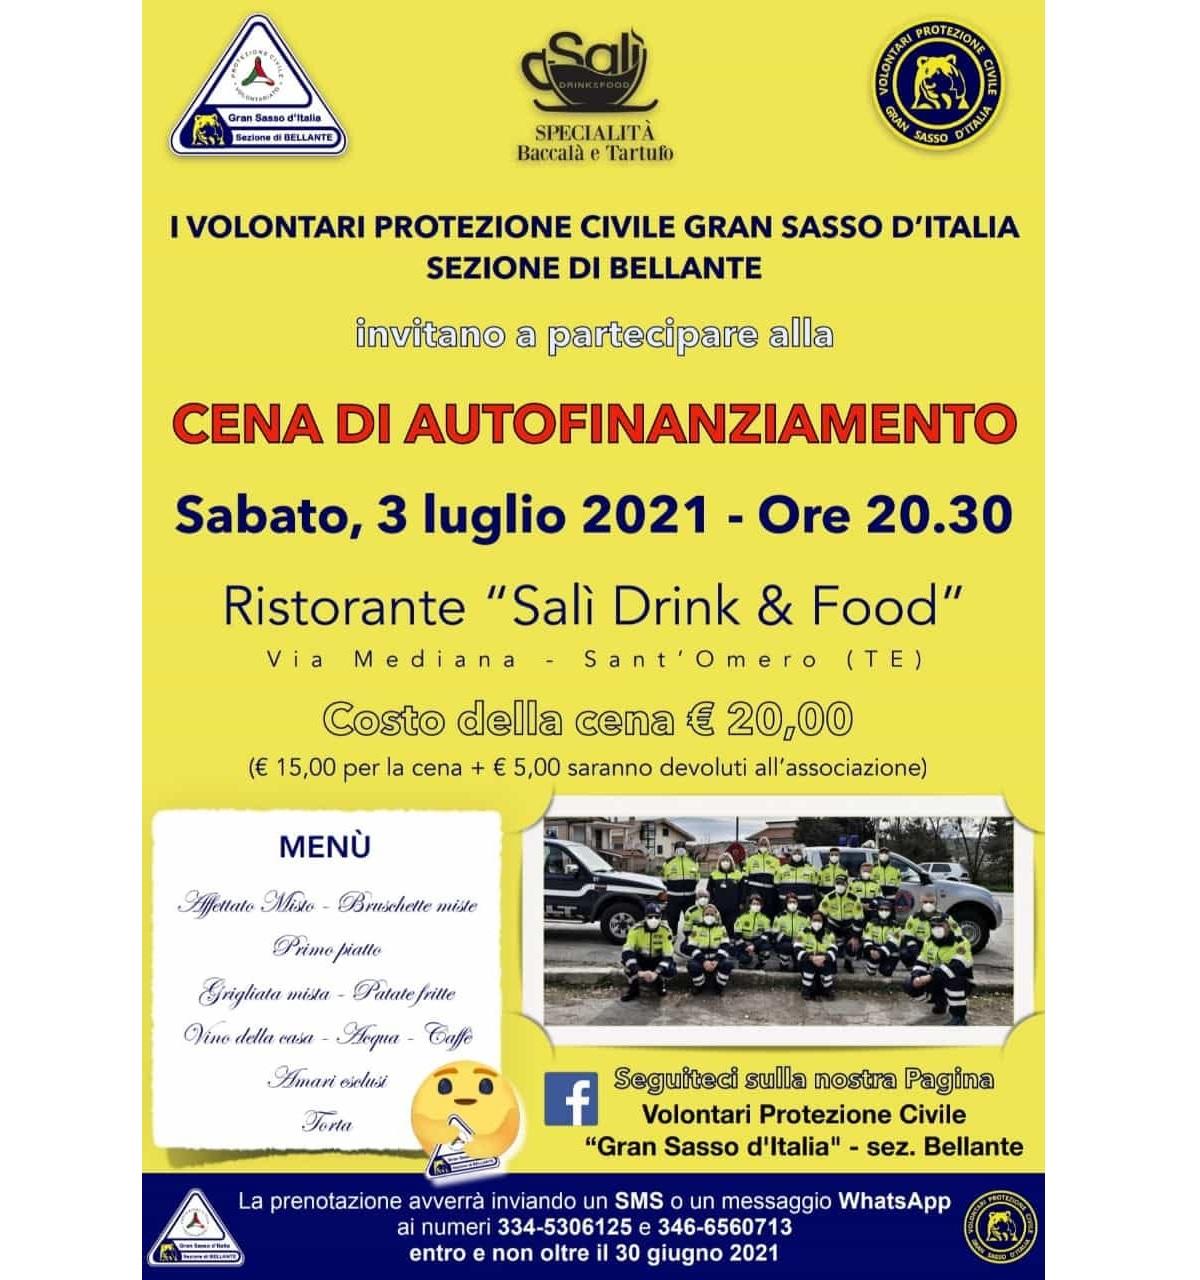 Cena di autofinanziamento presso Salì - Drink & Food foto